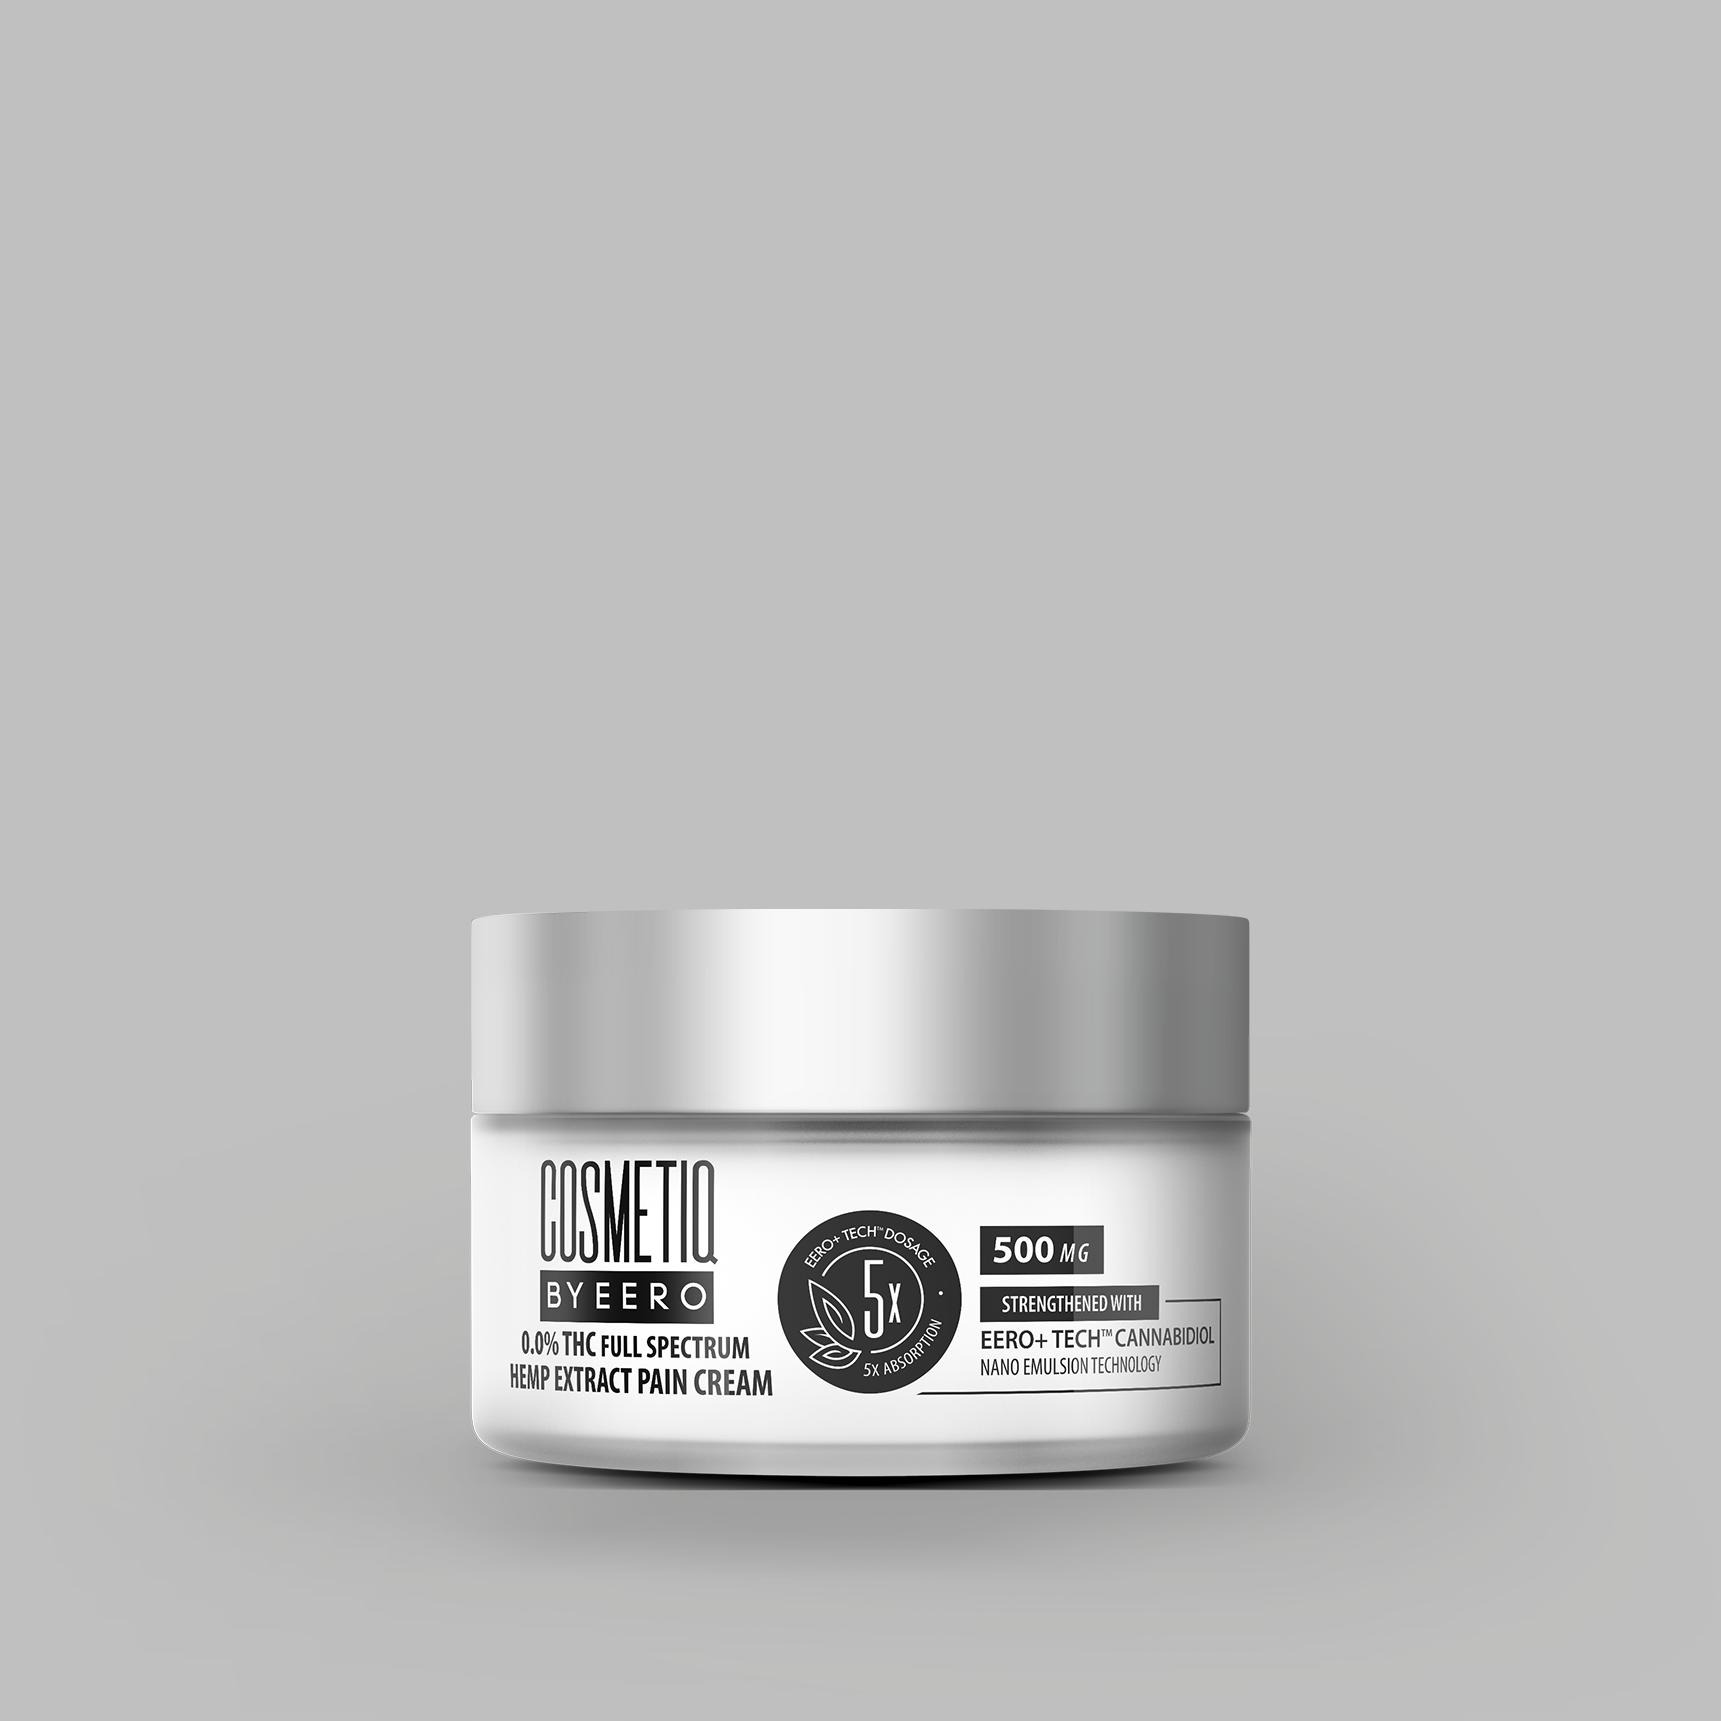 EeroNaturals-Website-Home-shop-1721x1721-Cosmetiq-PainCream-image2-v1.png